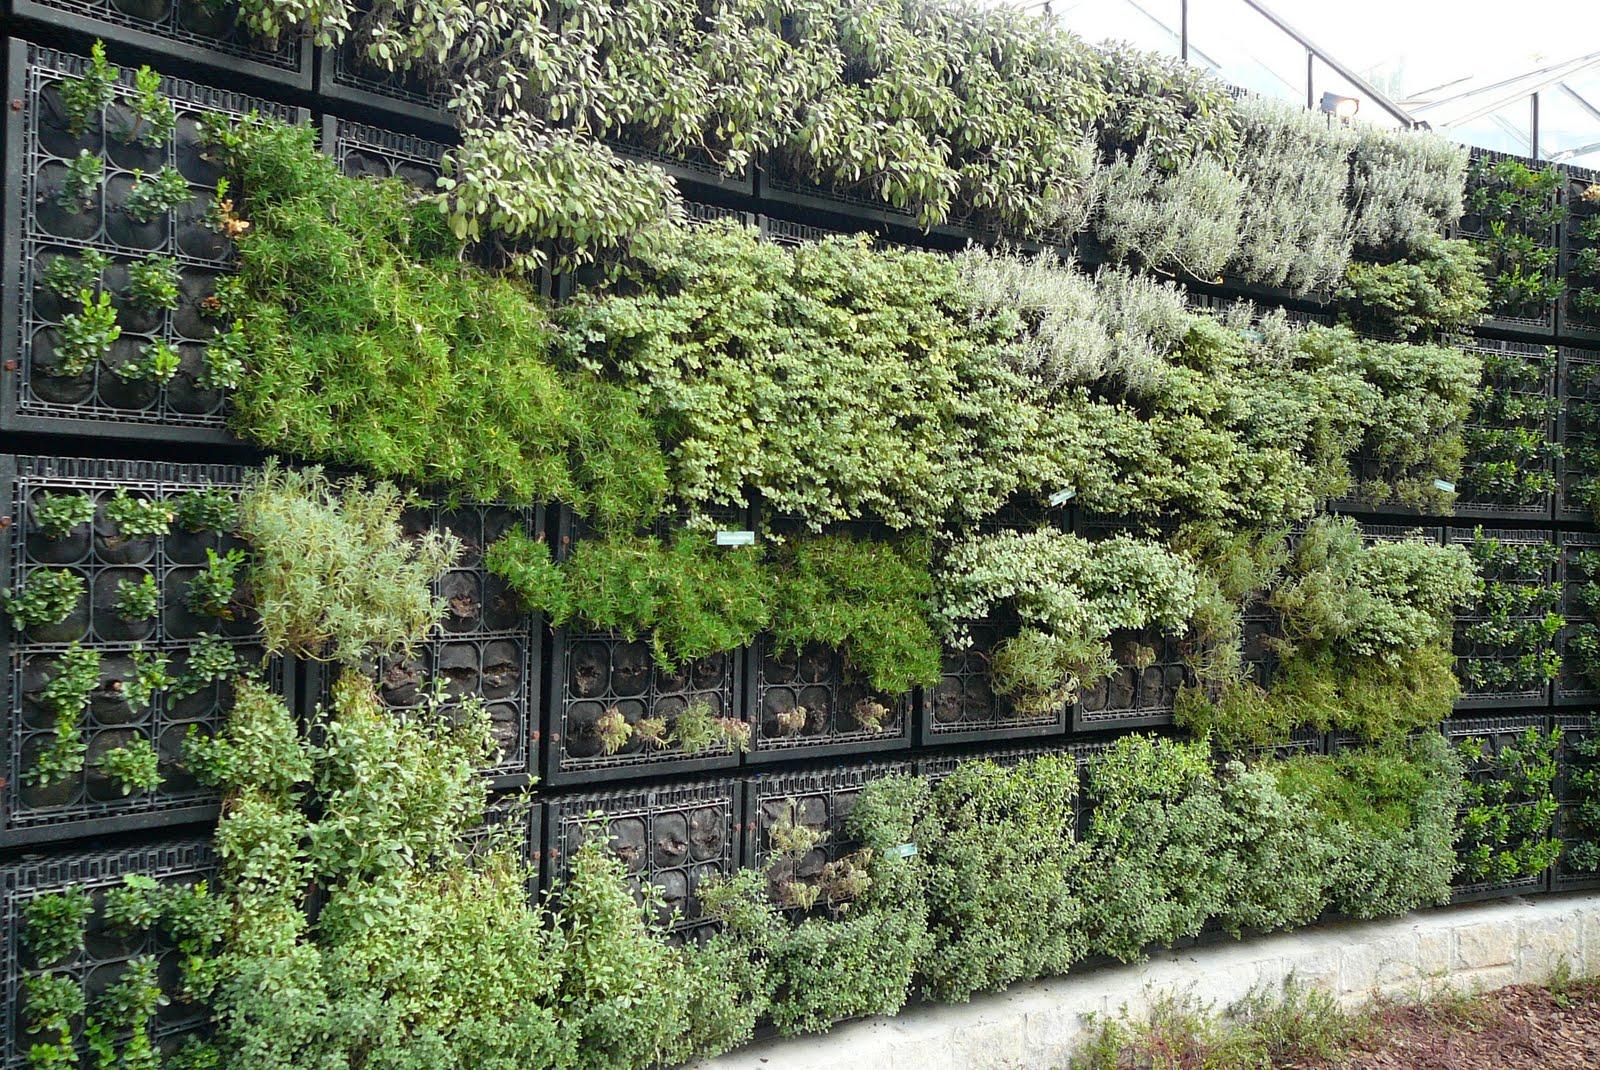 Morgan Creek Chronicles Atlanta Botanical Garden Acga Part 2